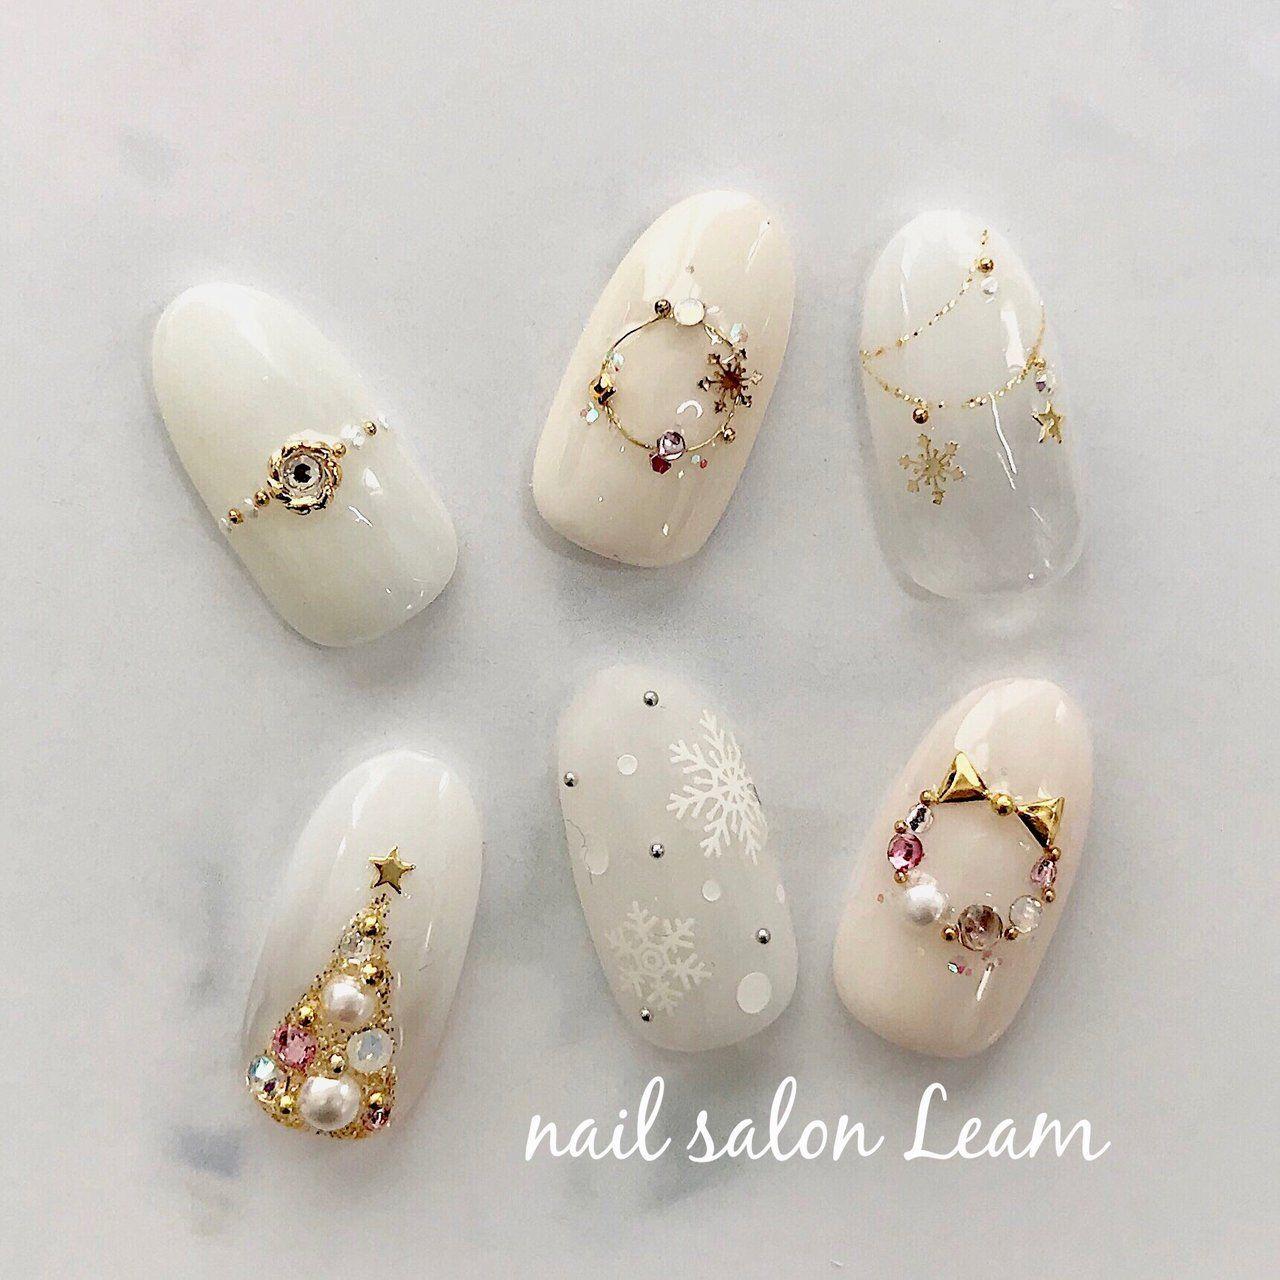 冬/クリスマス/オフィス/デート/ハンド , nail salon Leamの